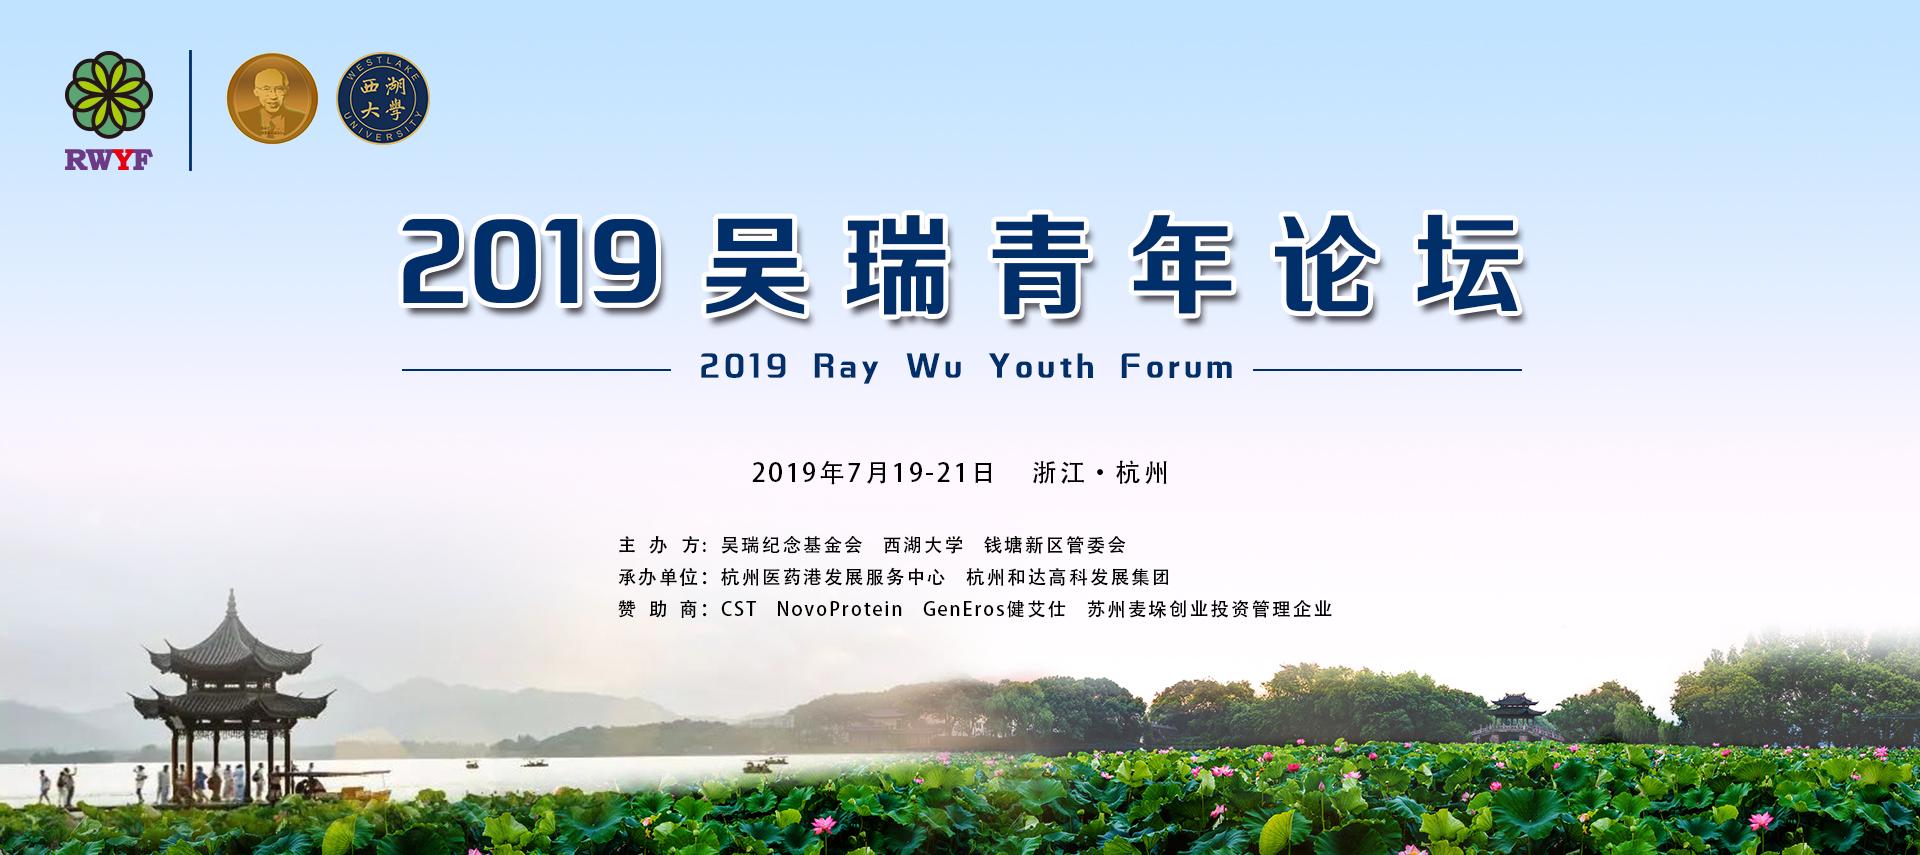 2019吴瑞青年论坛